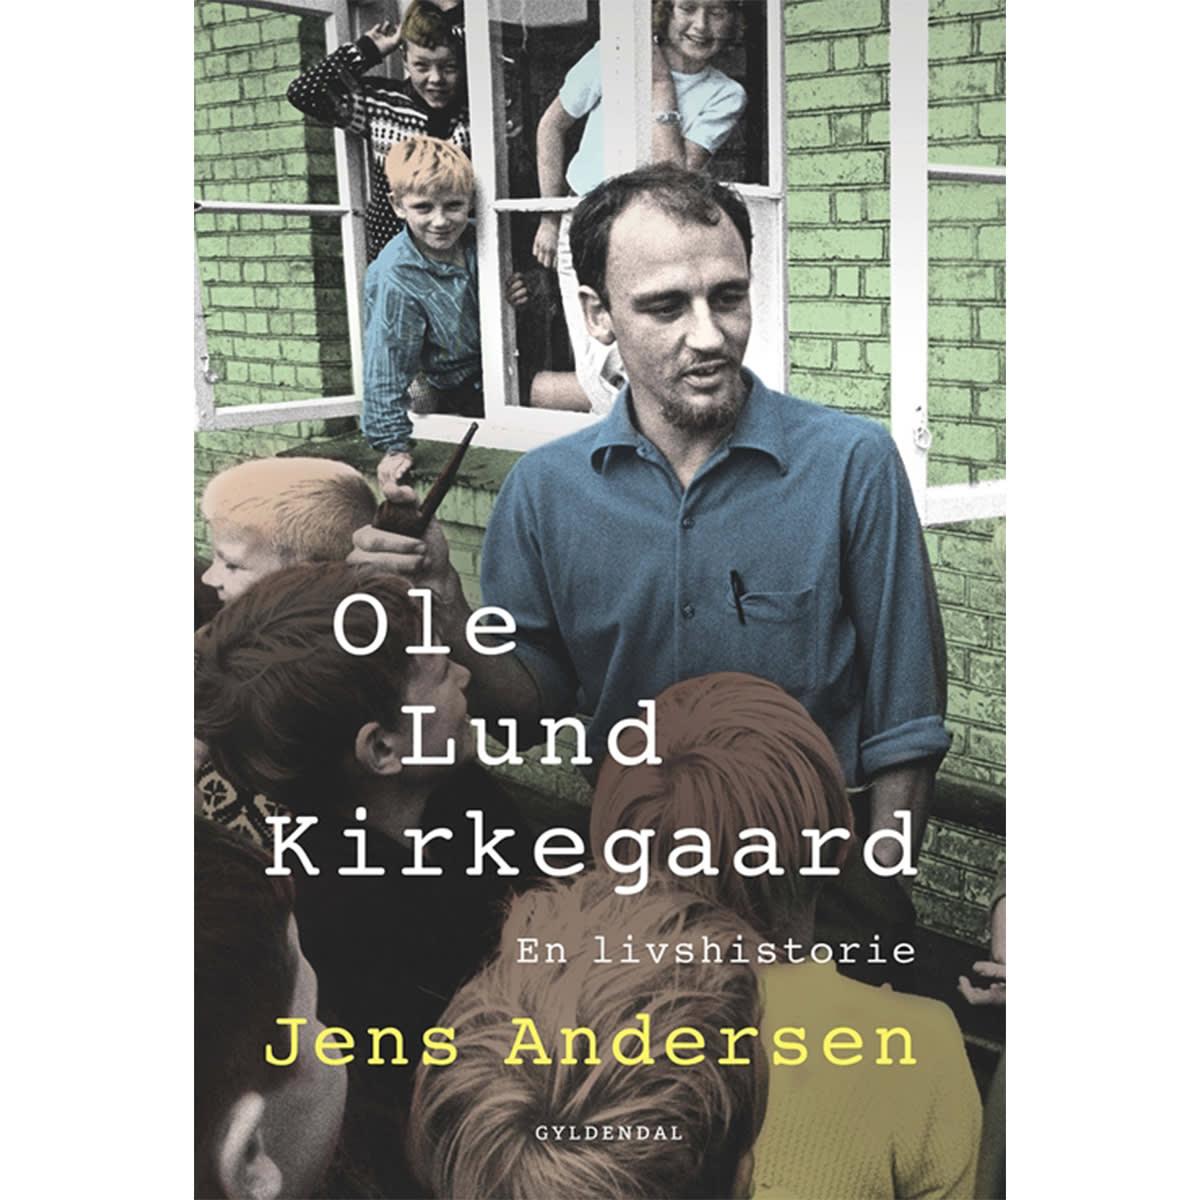 Af Jens Andersen